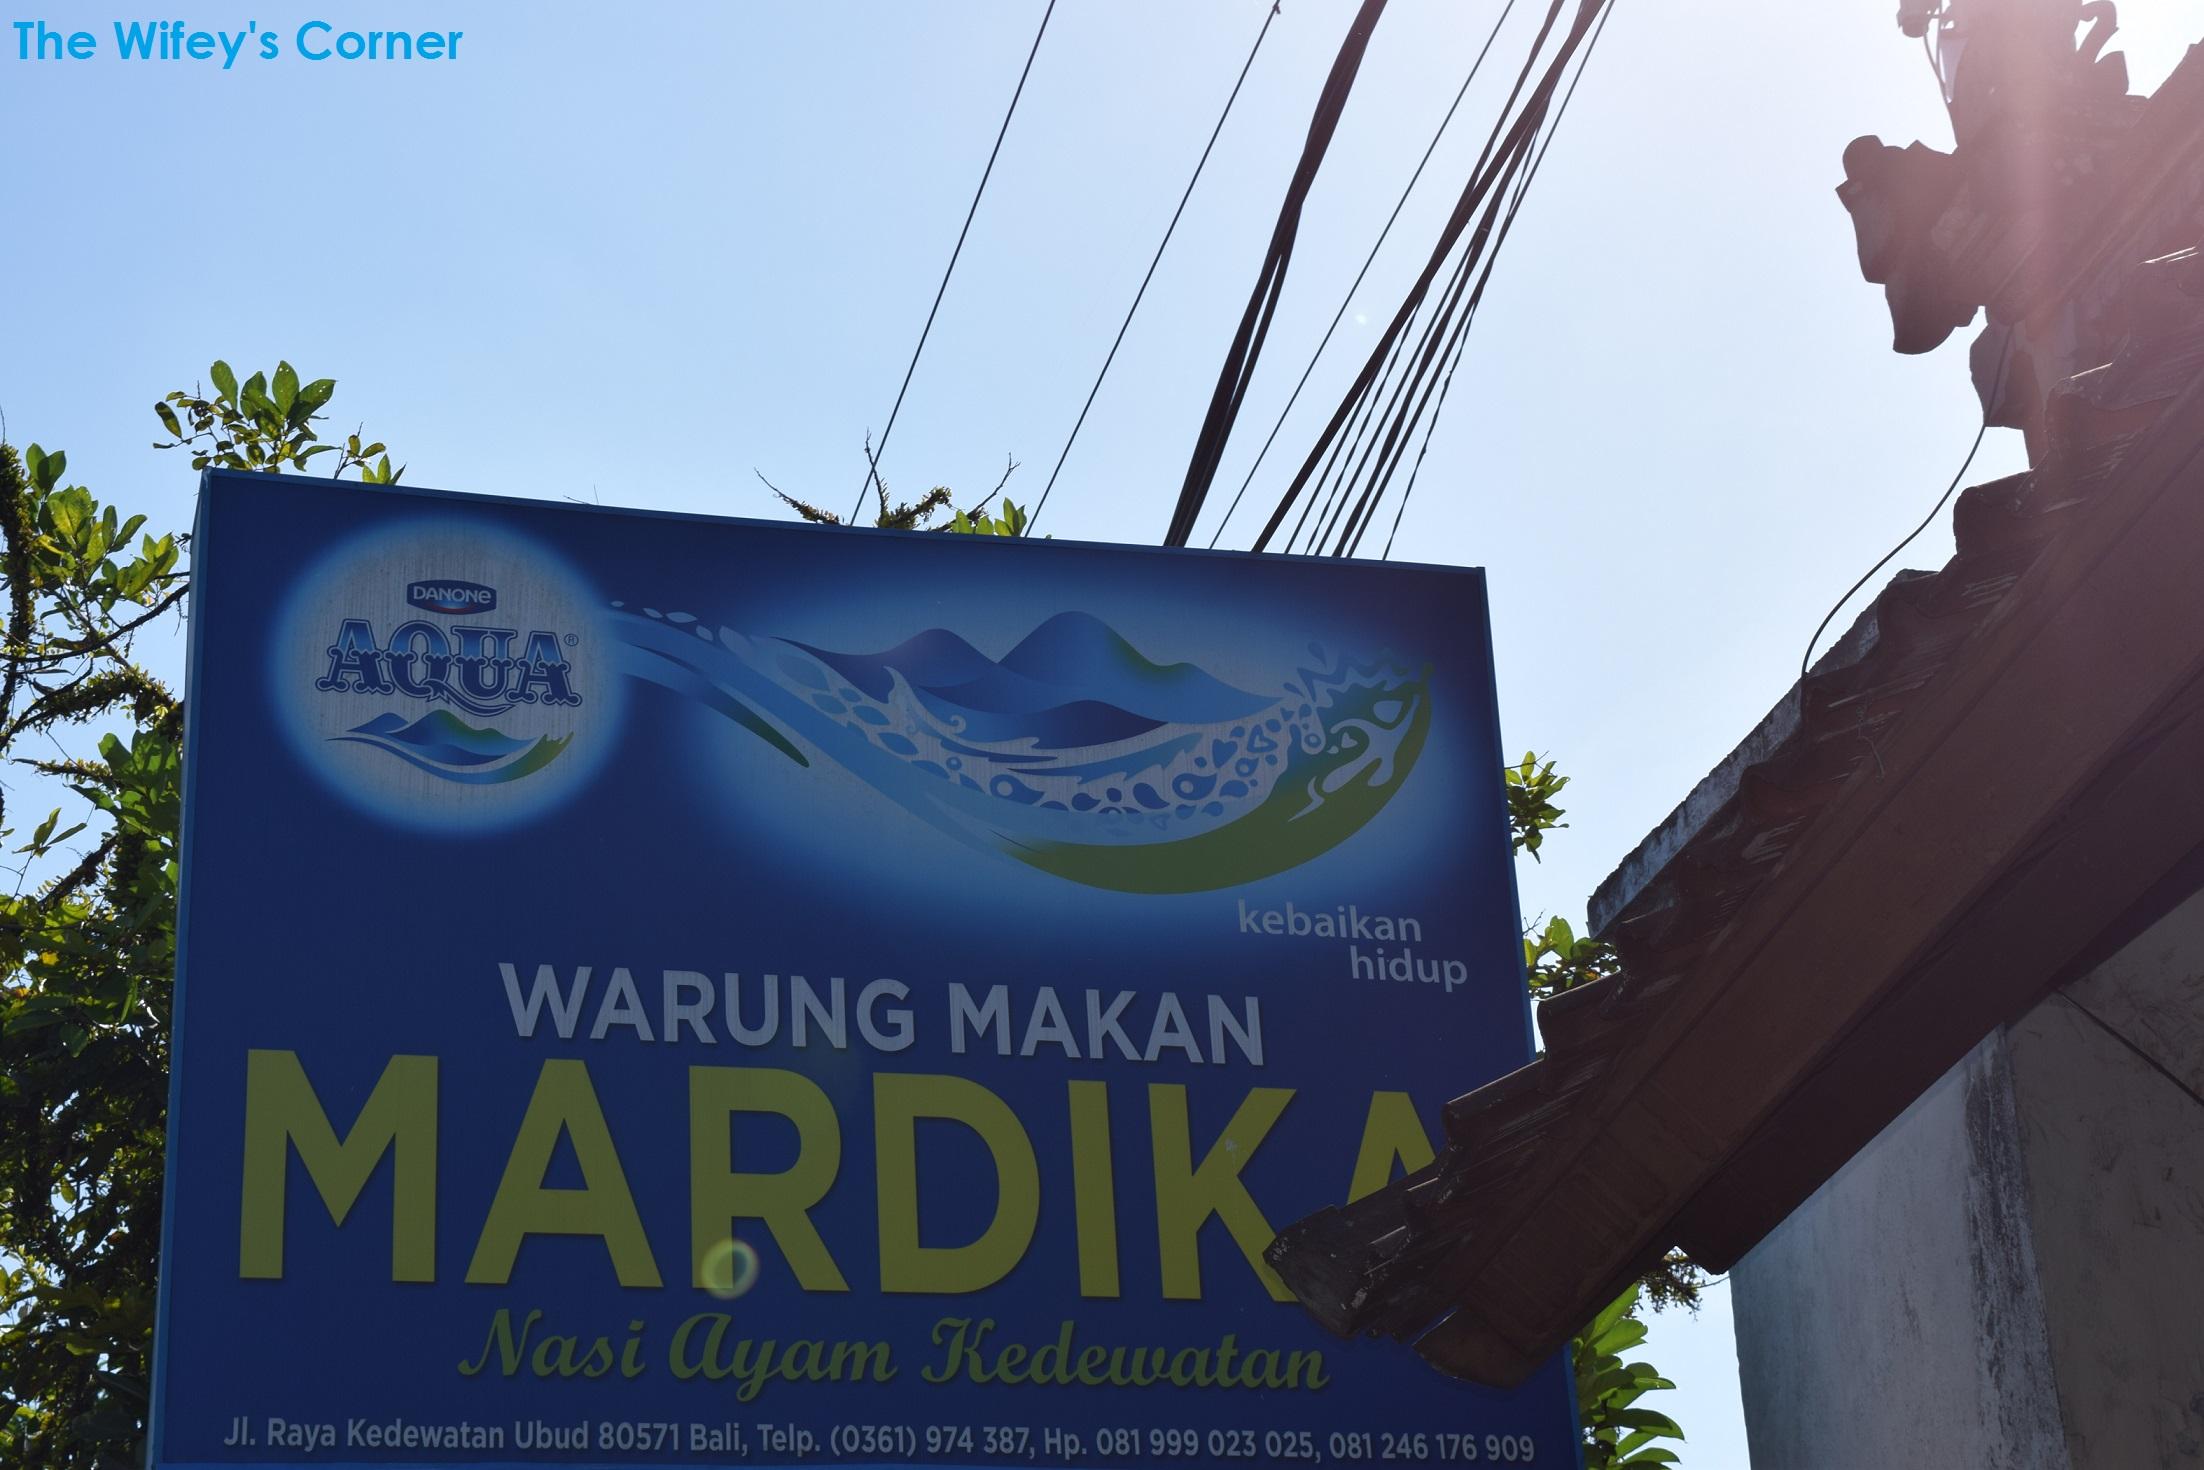 Nasi Ayam Kedewatan Bu Mardika, Ubud